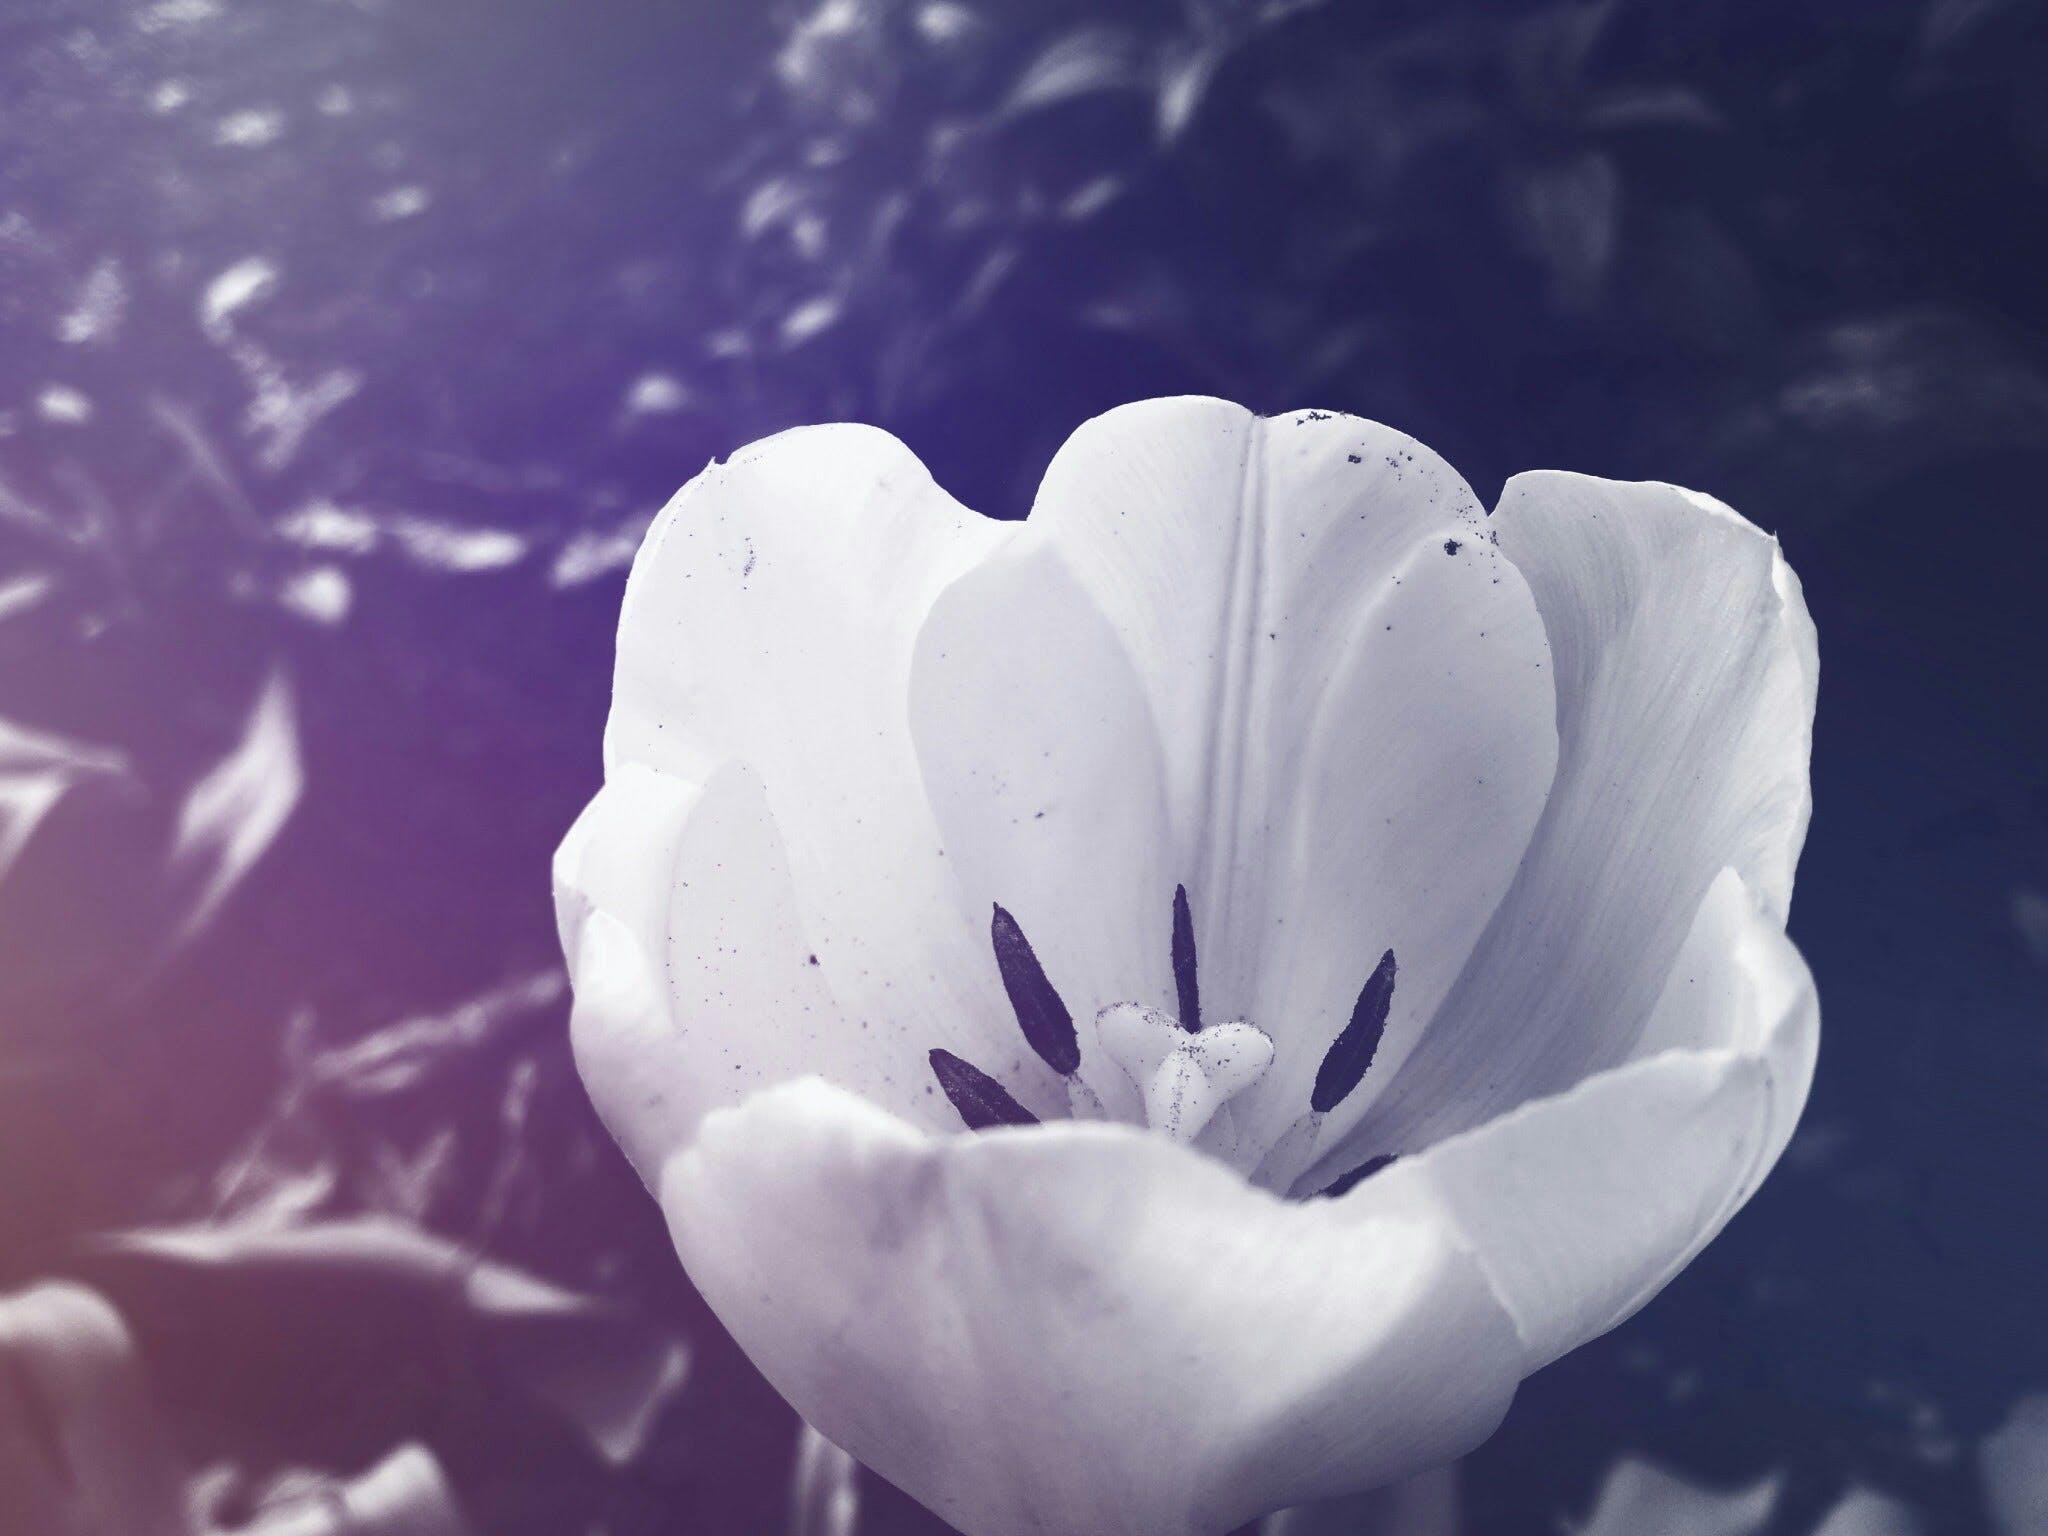 Δωρεάν στοκ φωτογραφιών με ημέρα, καλοκαίρι, λευκός, λουλούδια